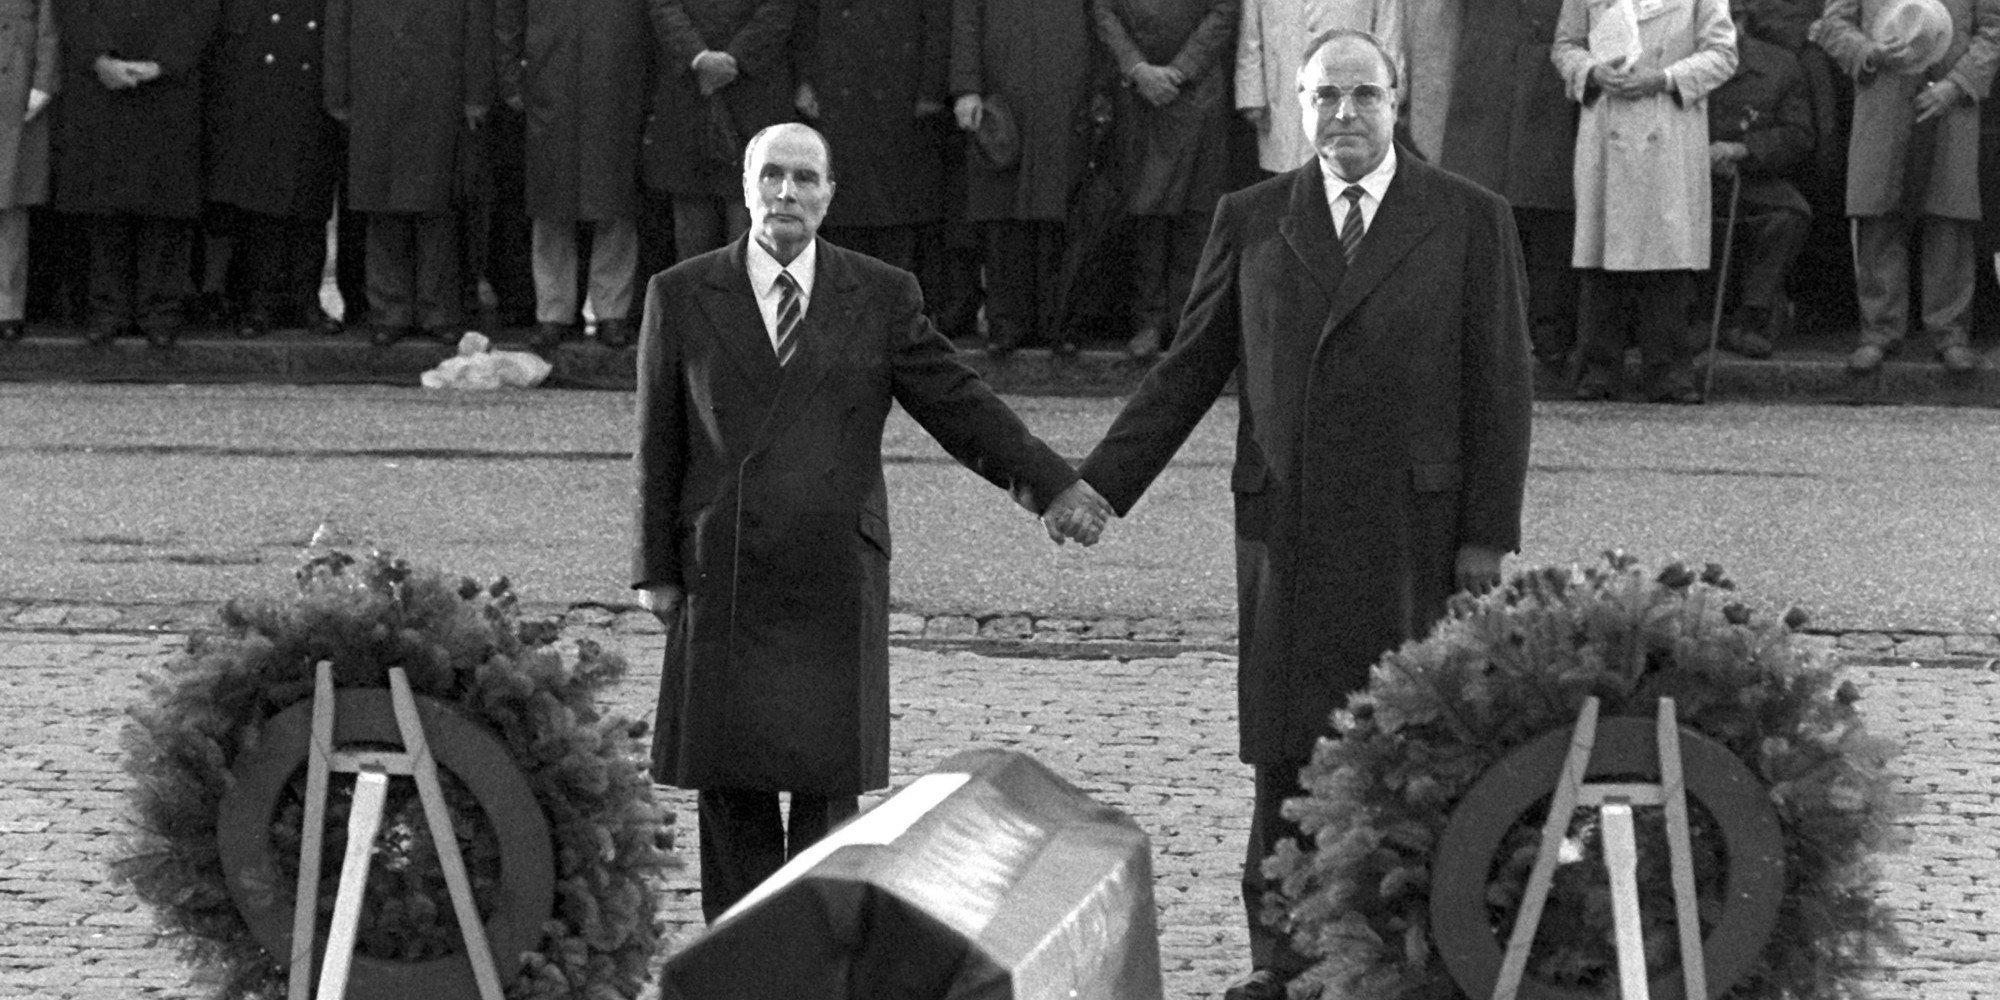 Wegbereiter des vereinten Deutschlands und der deutsch-französischen Freundschaft: Mit Helmut Kohl verlieren wir einen sehr großen Europäer. https://t.co/ldzxlqfJbG